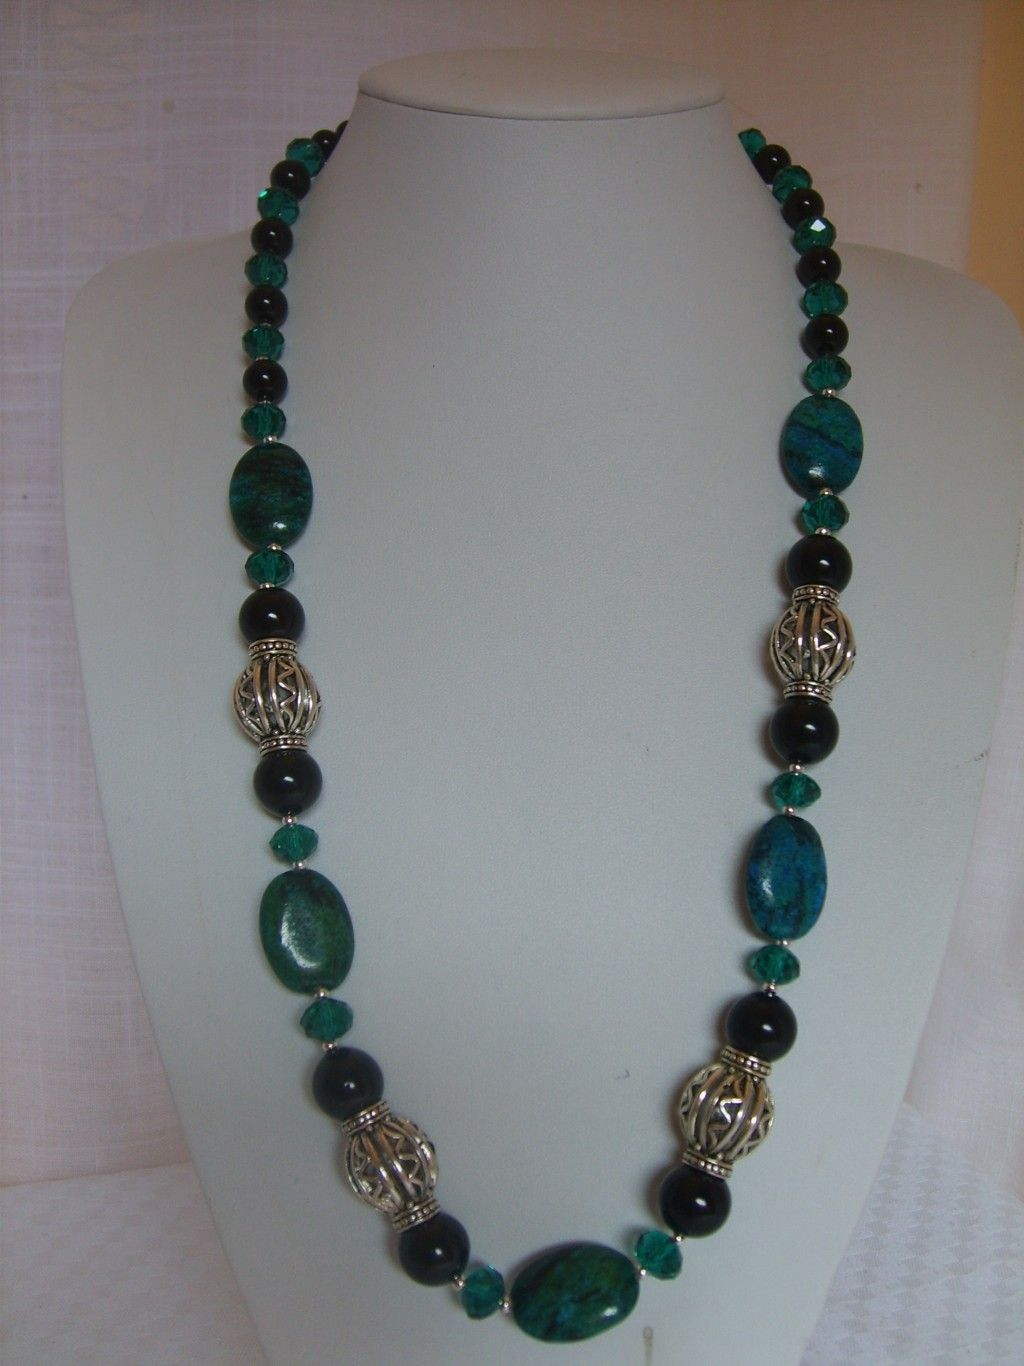 ef91aa50c46f Collar de jadeita y cristales facetados de color verde con perlas negras de  cristal